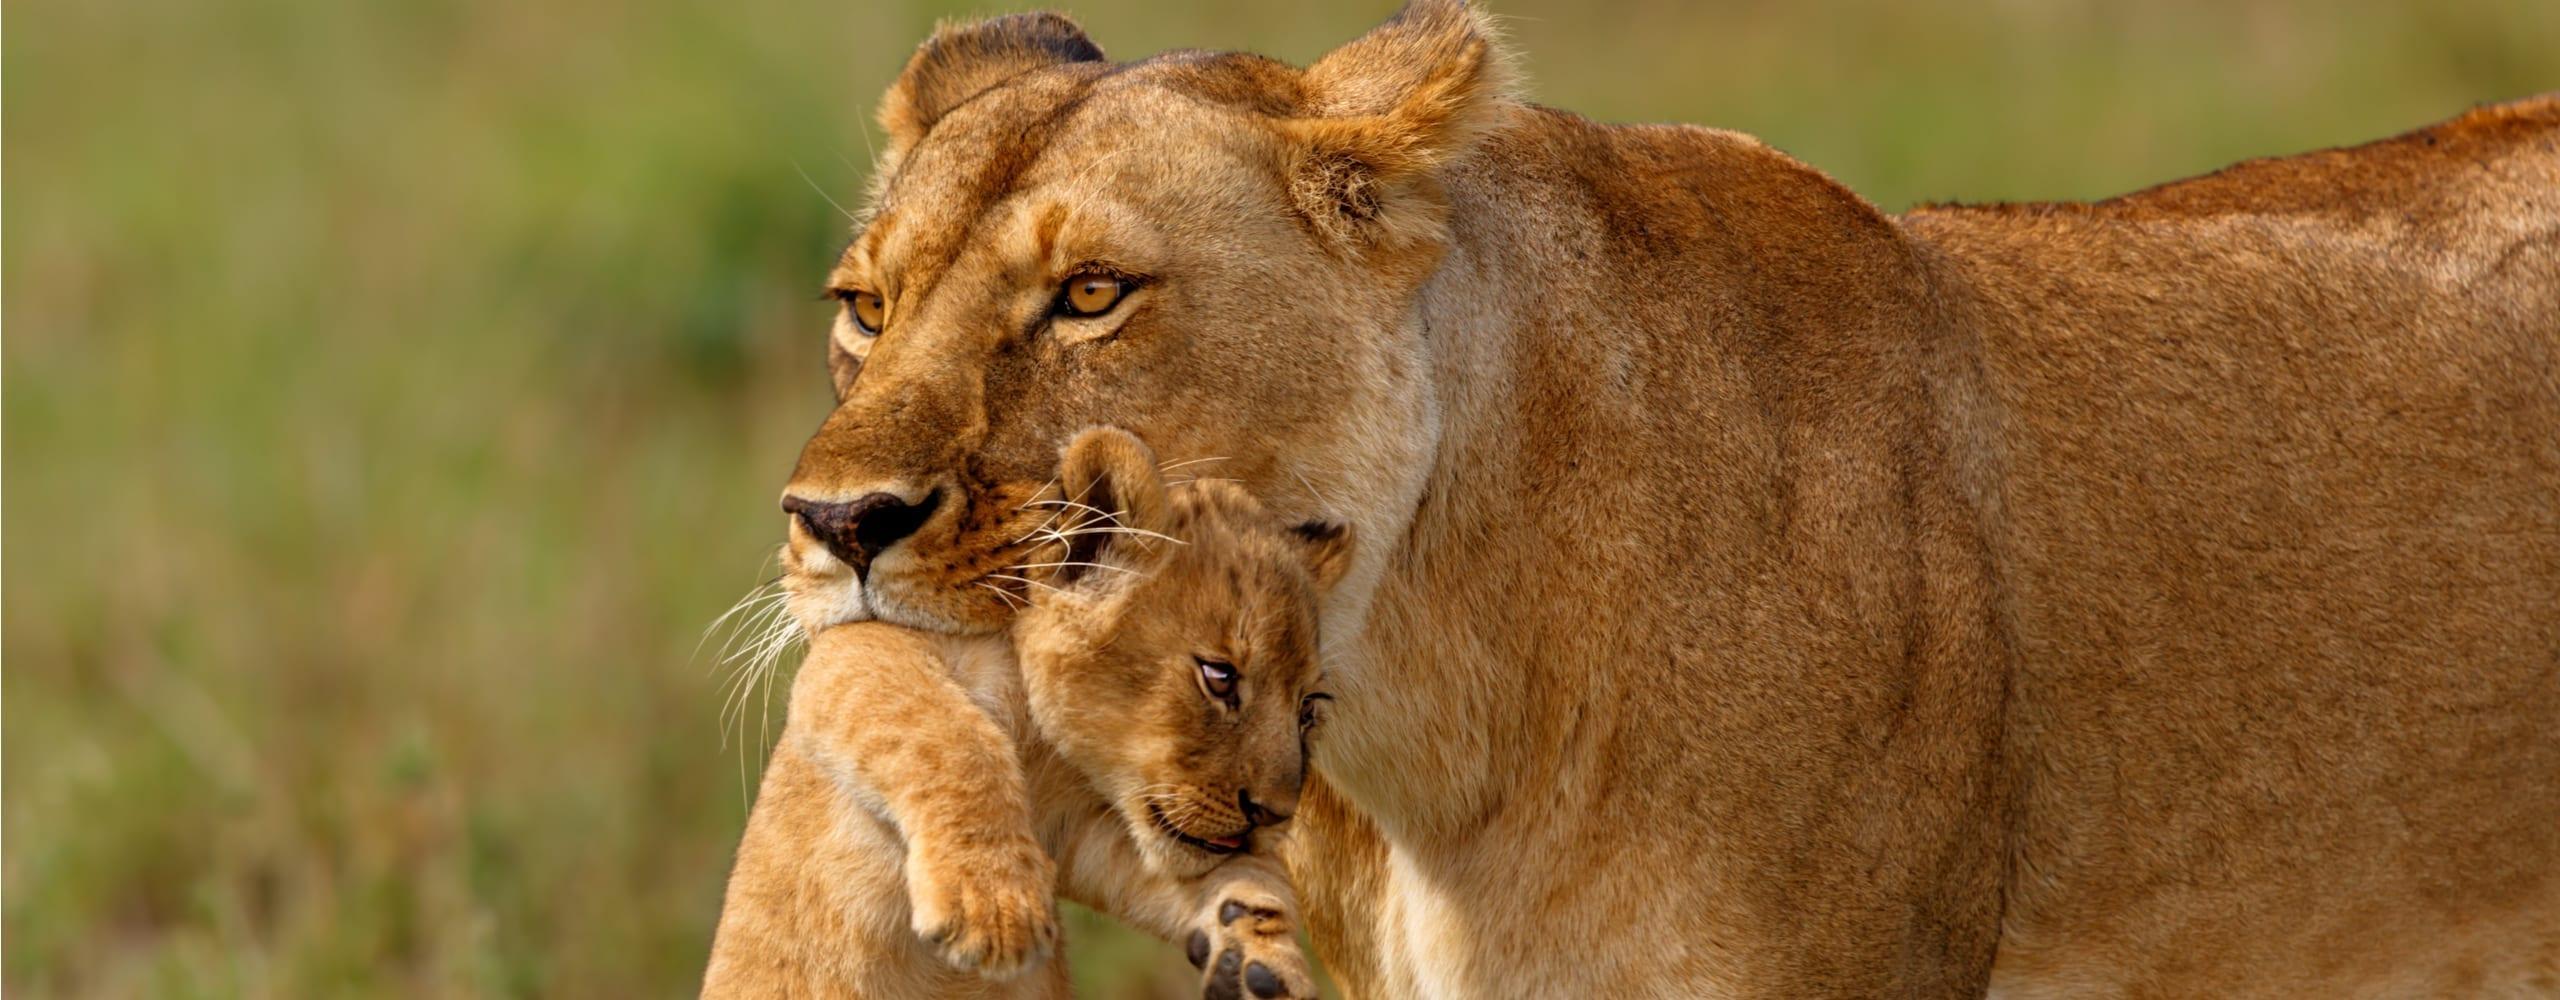 East African safari destinations. © Shutterstock